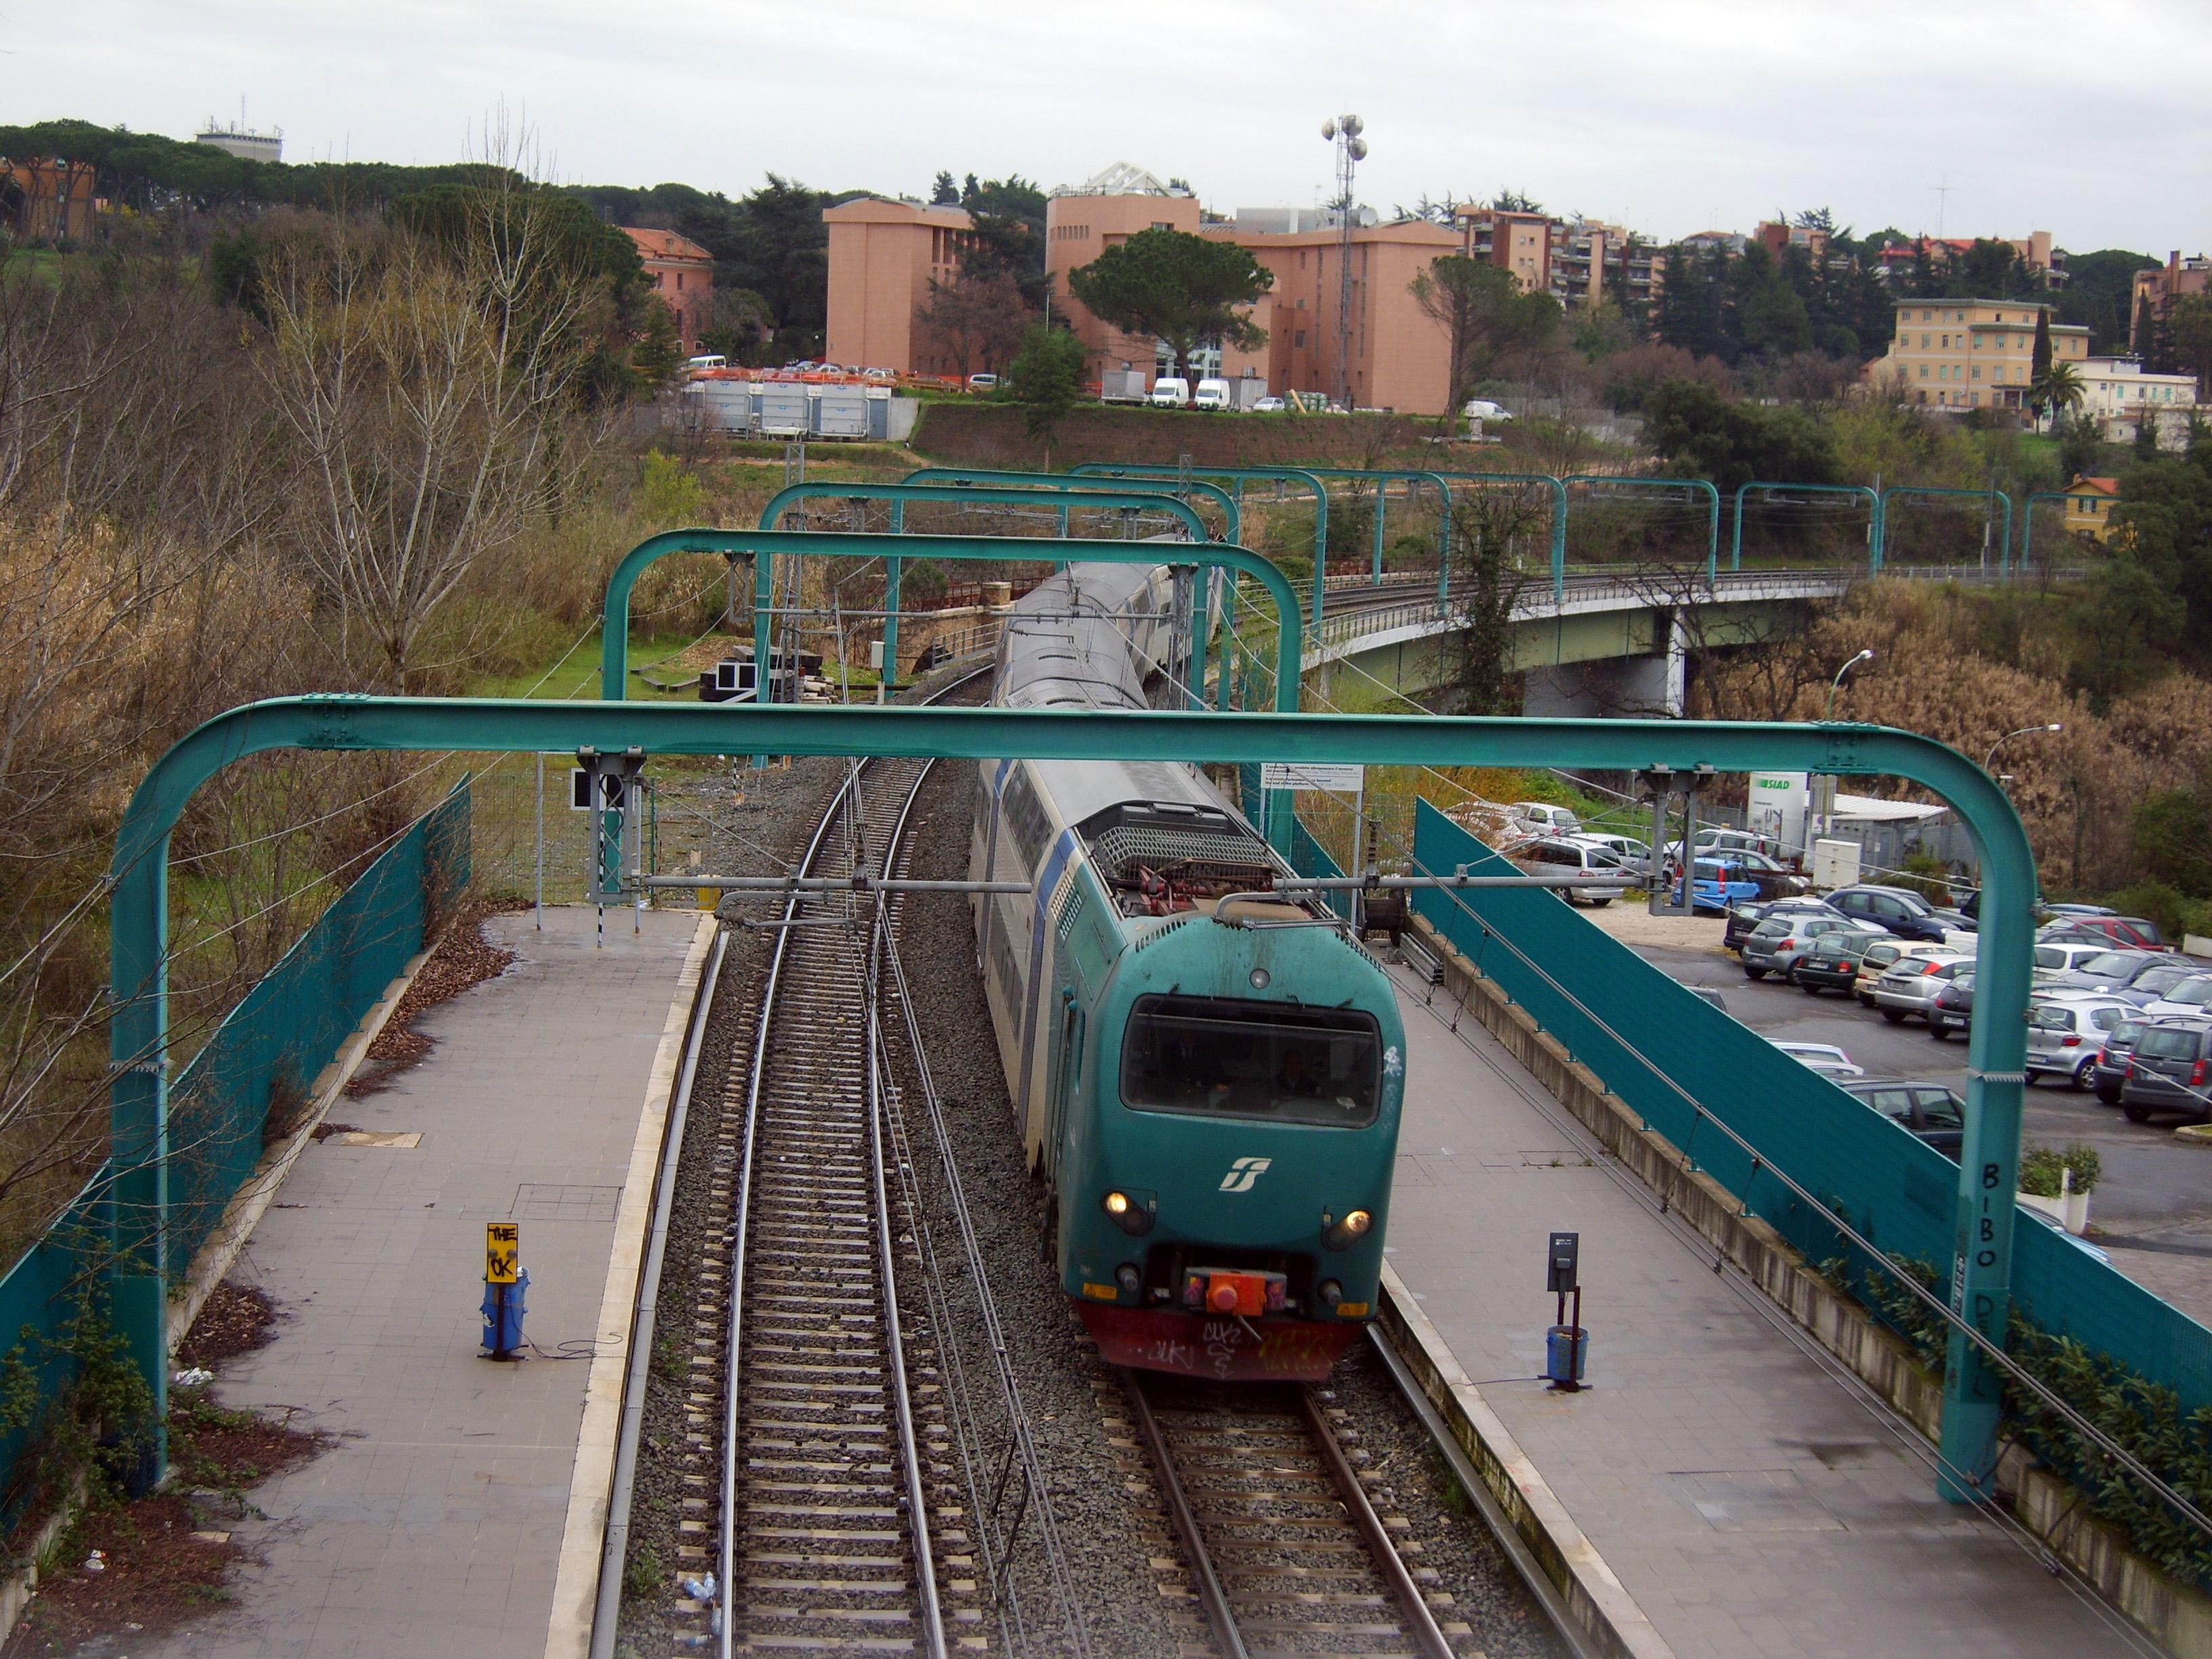 Tivoli, uomo di 58 anni si getta sui binari: investito e ucciso dal treno, circolazione interrotta - Roma Fanpage.it